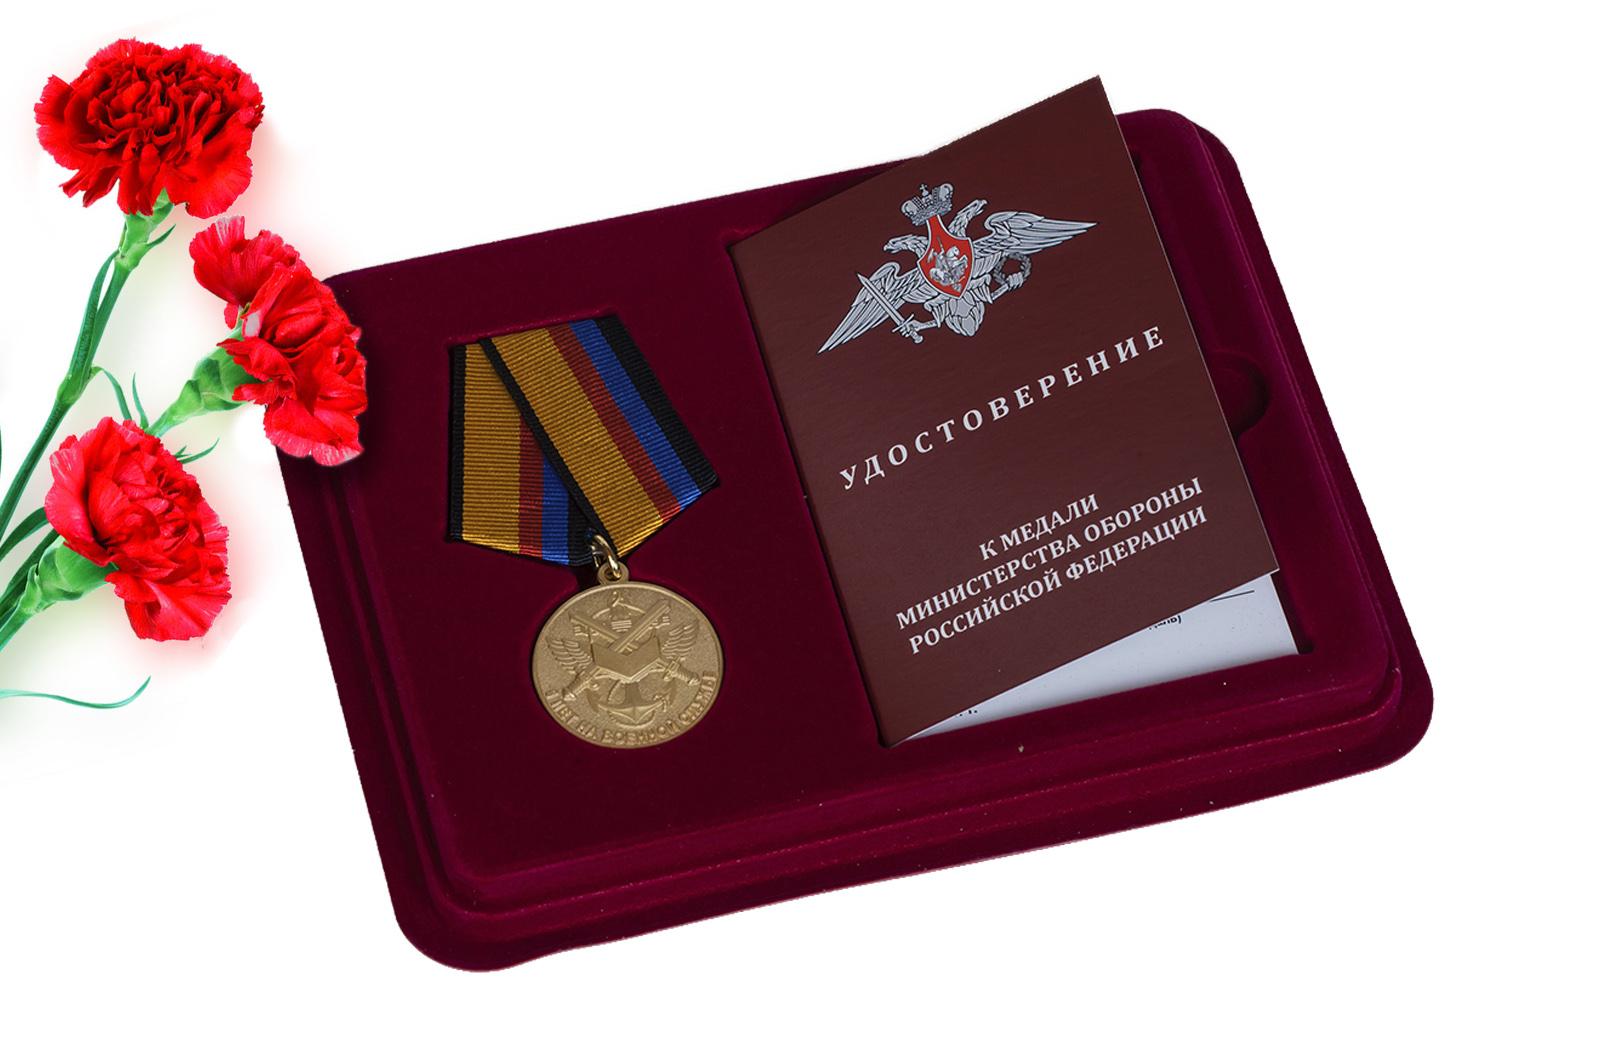 Купить медаль МО РФ 5 лет на военной службе оптом или в розницу